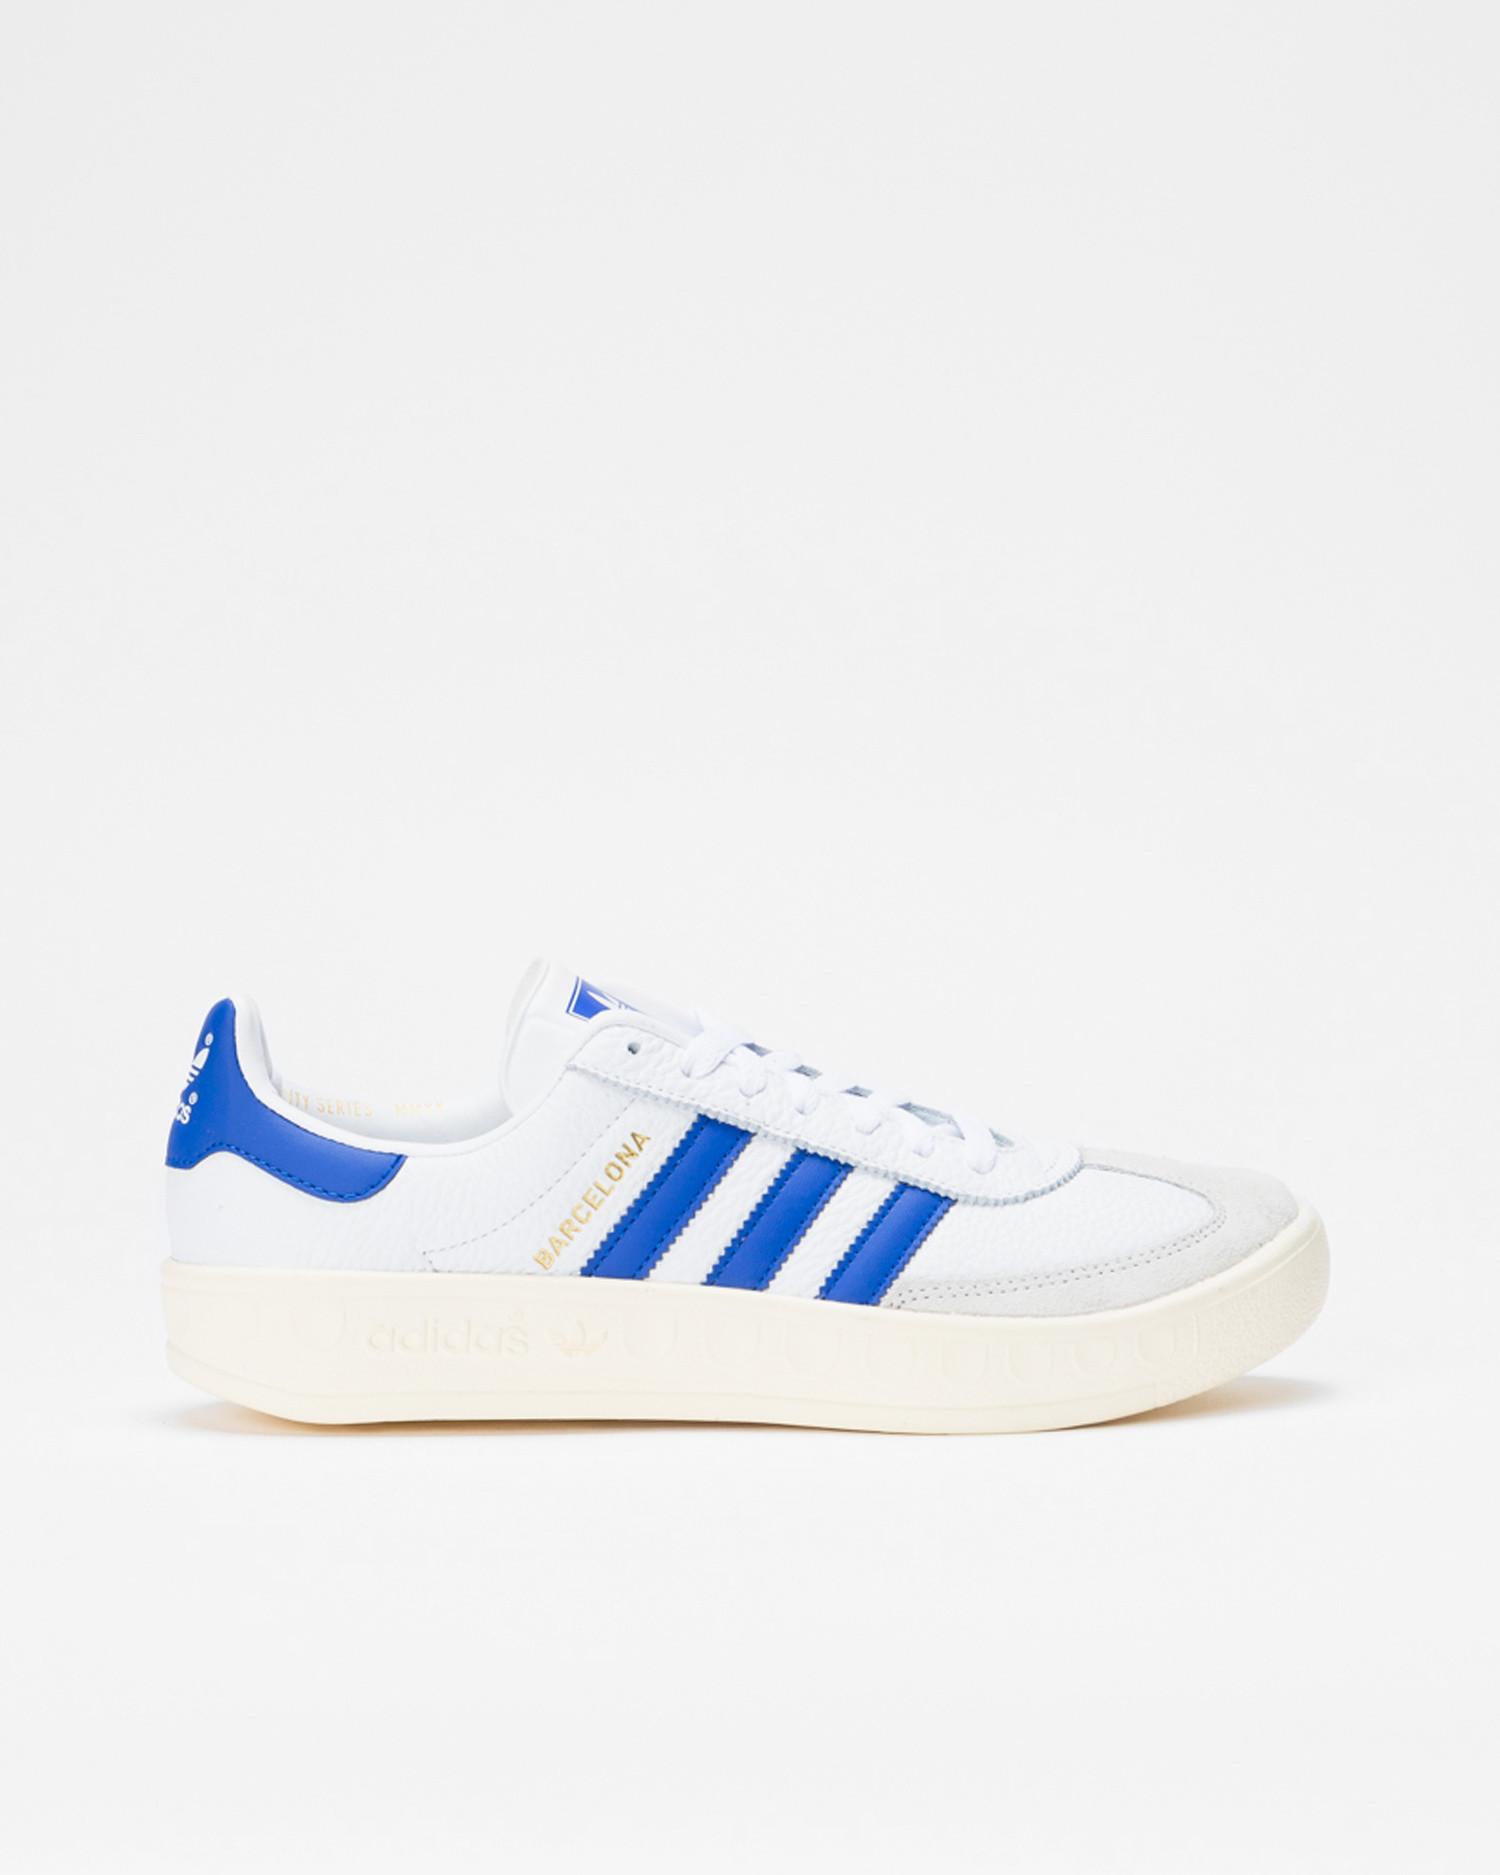 Adidas Barcelona Ftwwht/Blue/Cwhite